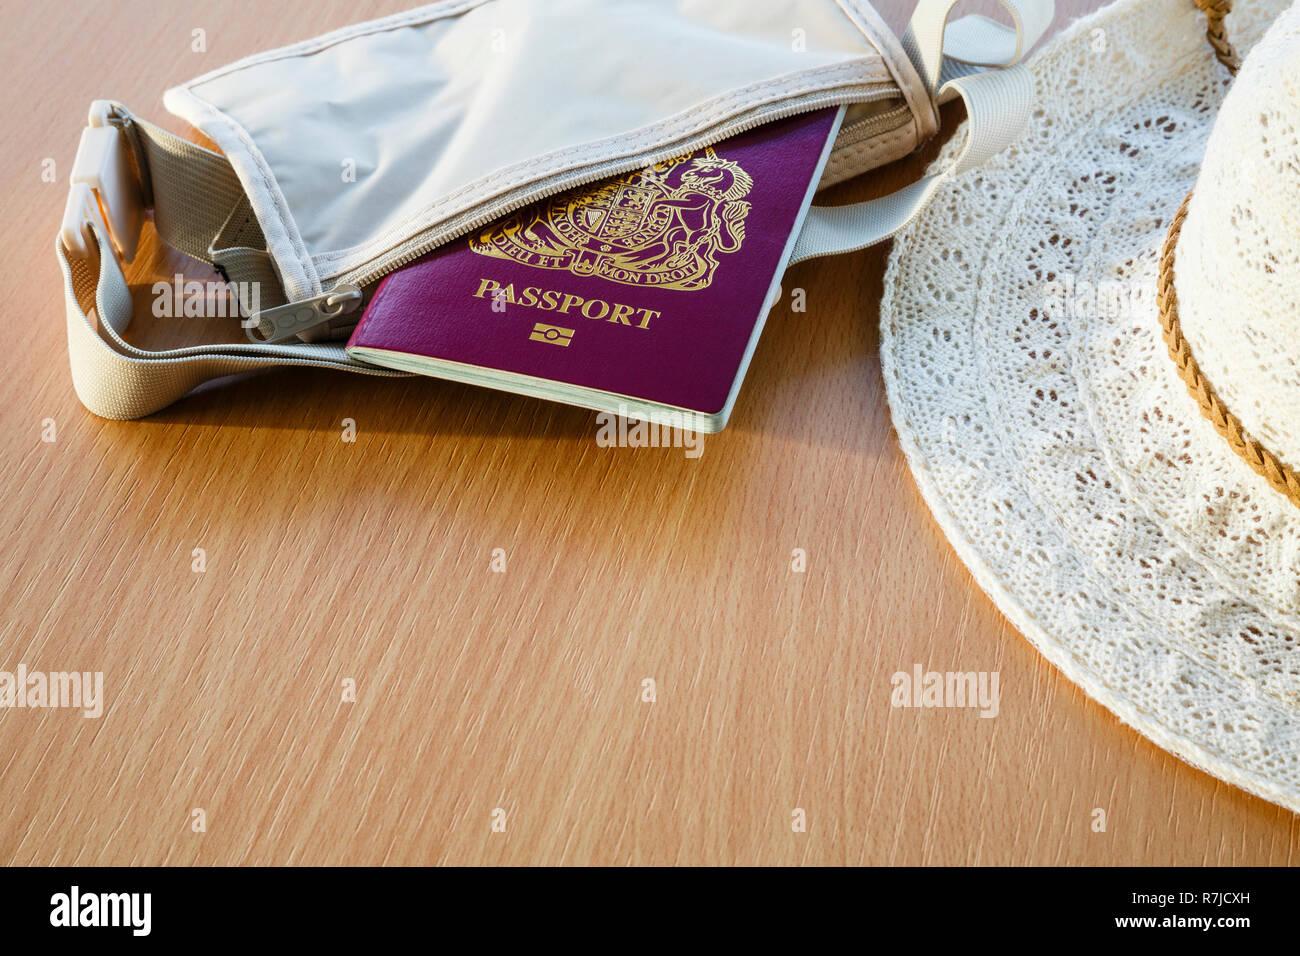 Reisen, für Reisen ins Ausland Britischen biometrischen Pass in einer Mappe mit Frauen Sonnenhut auf einem Tisch. England, Großbritannien, Großbritannien Stockbild